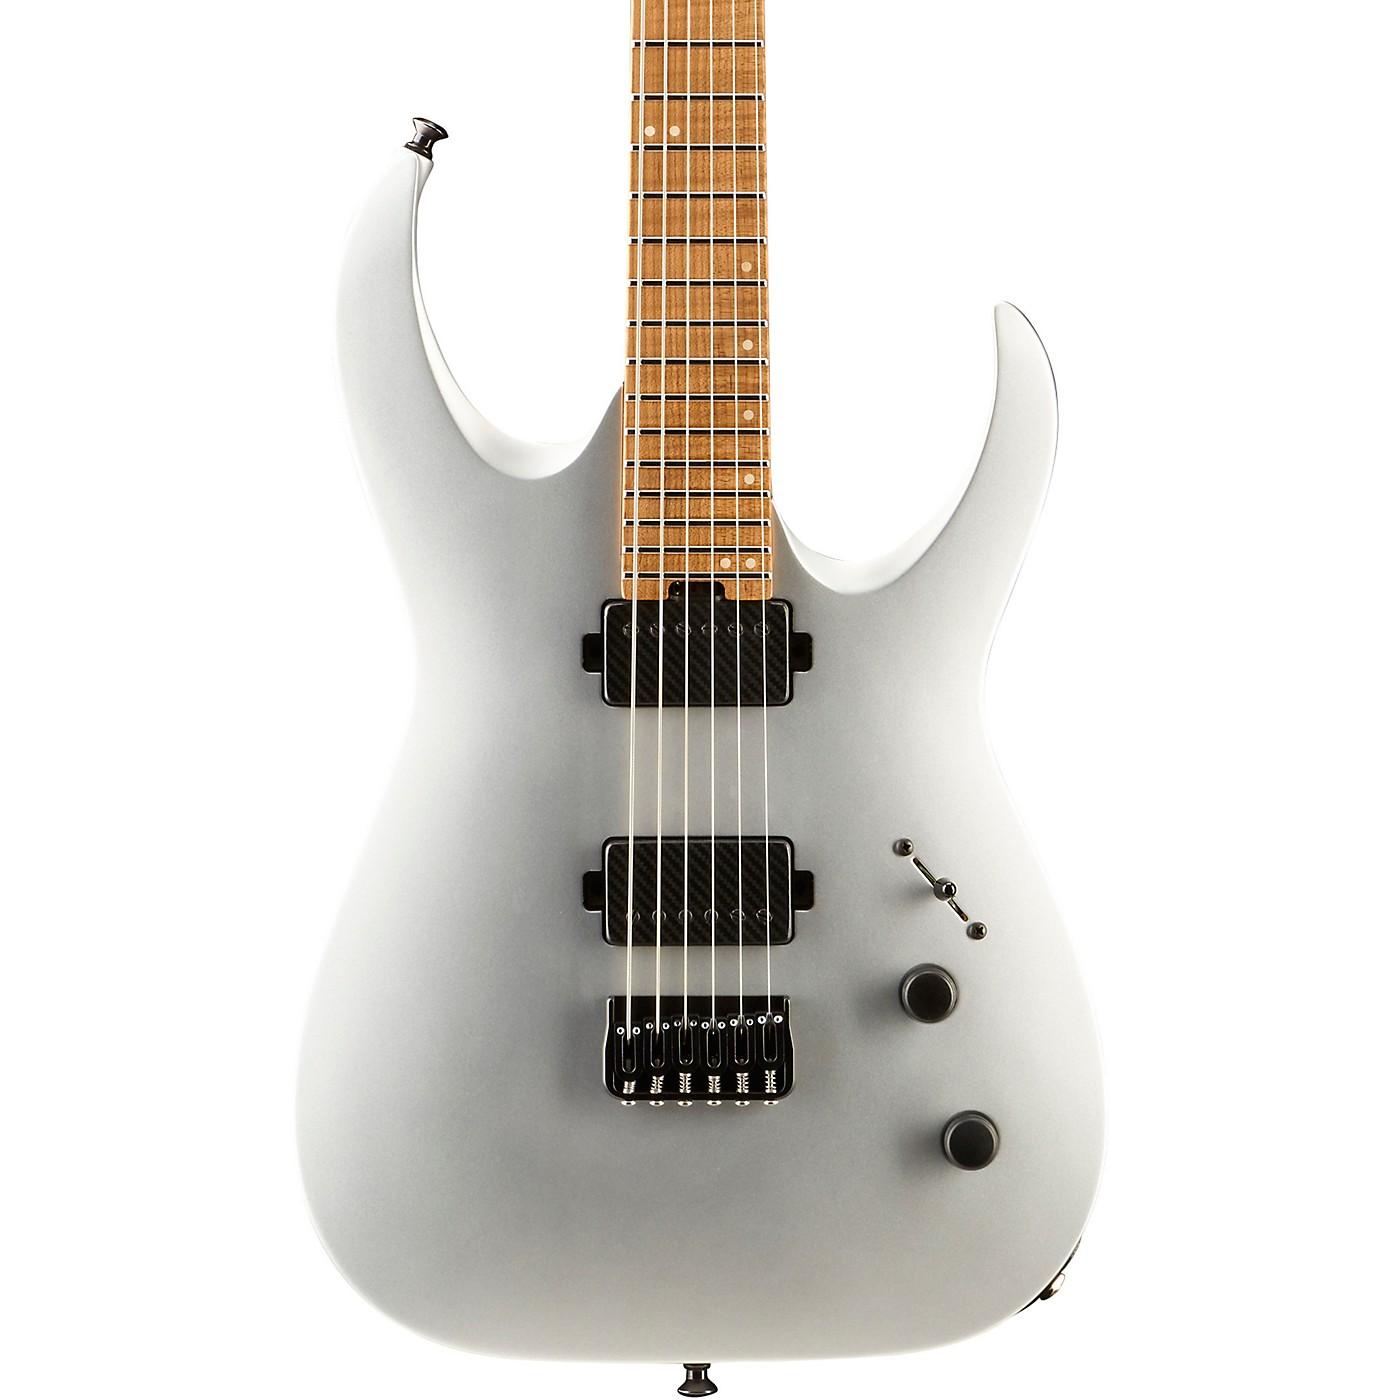 Jackson USA Signature Misha Mansoor Juggernaut HT6 Electric Guitar thumbnail